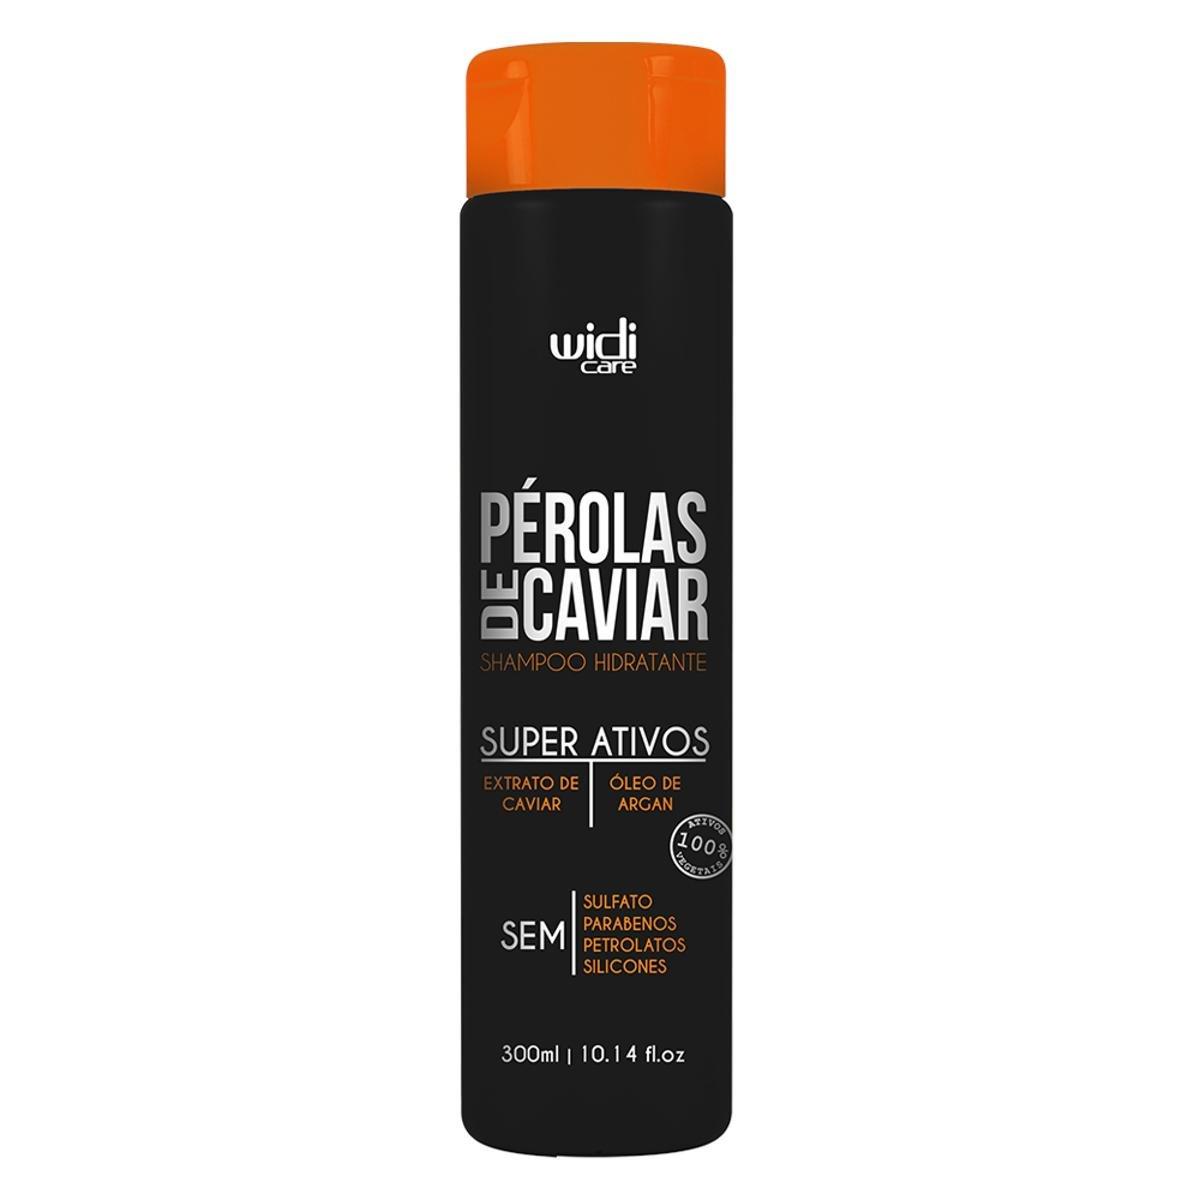 Widi Care Shampoo Hidratante Pérolas De Caviar - 300ml